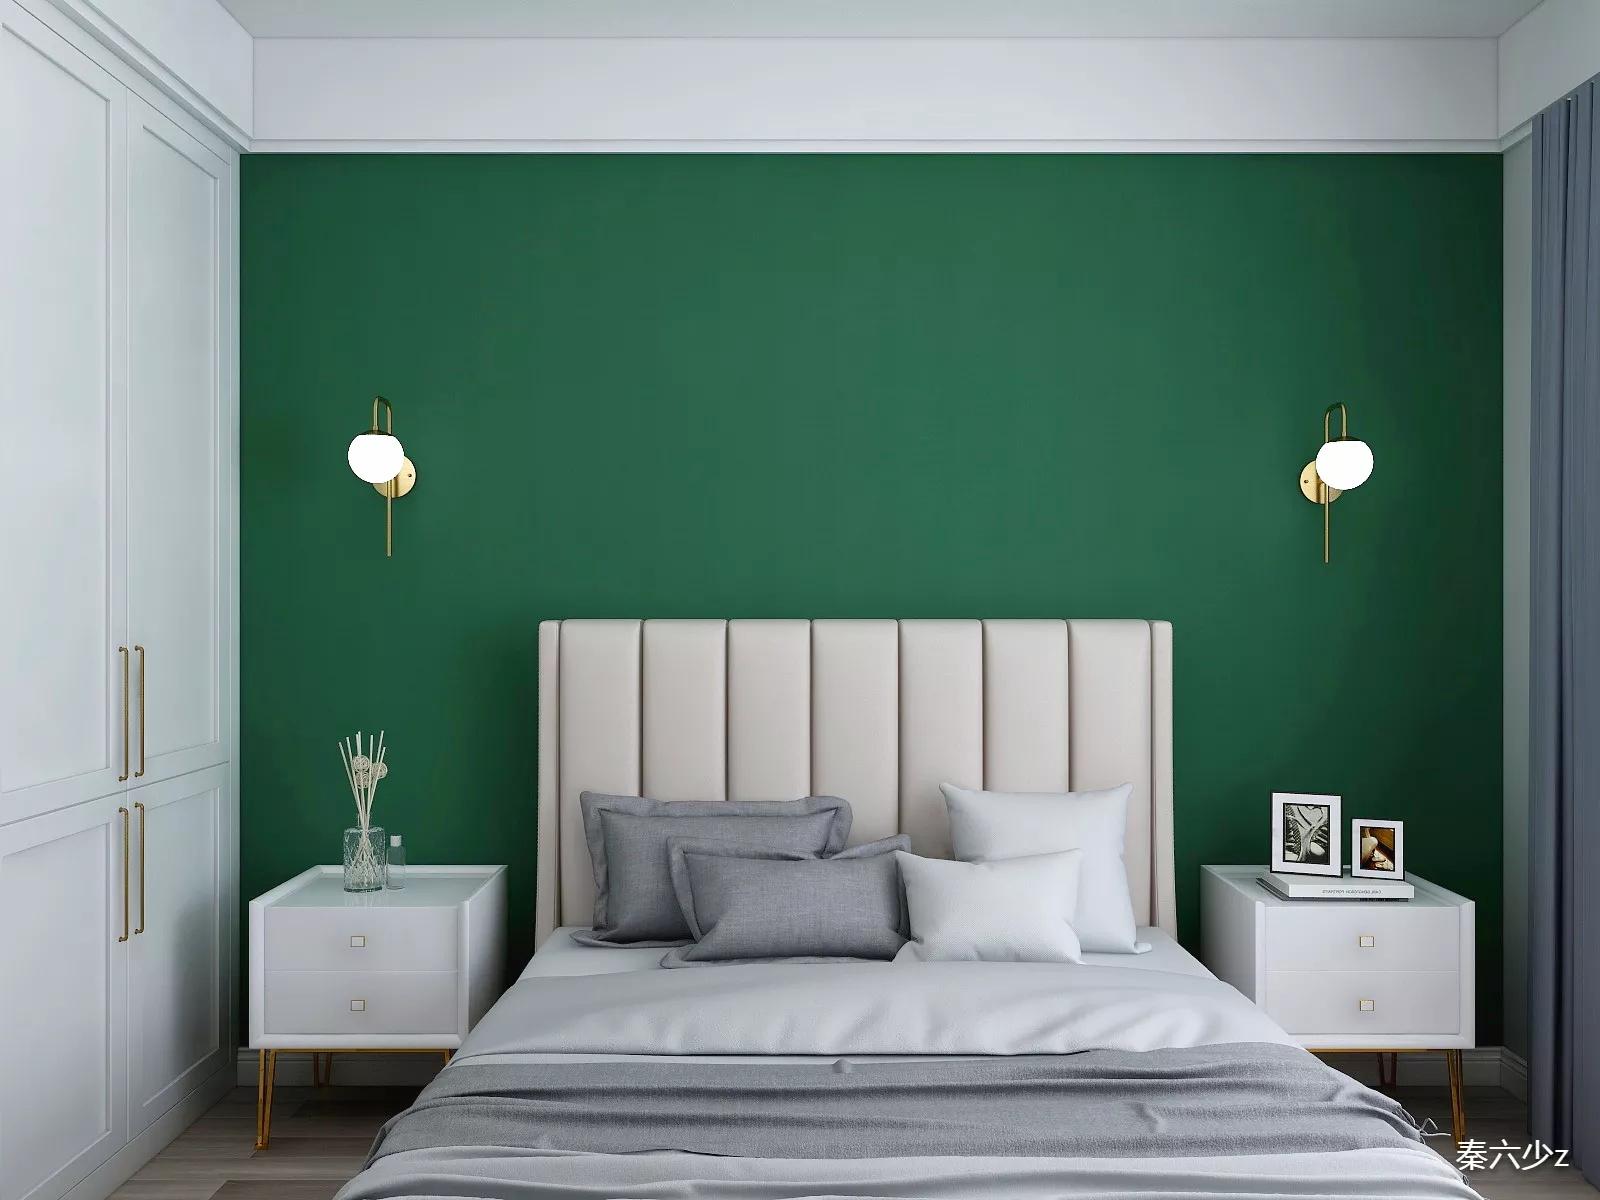 欧式风格富裕浪漫型卧室装修效果图